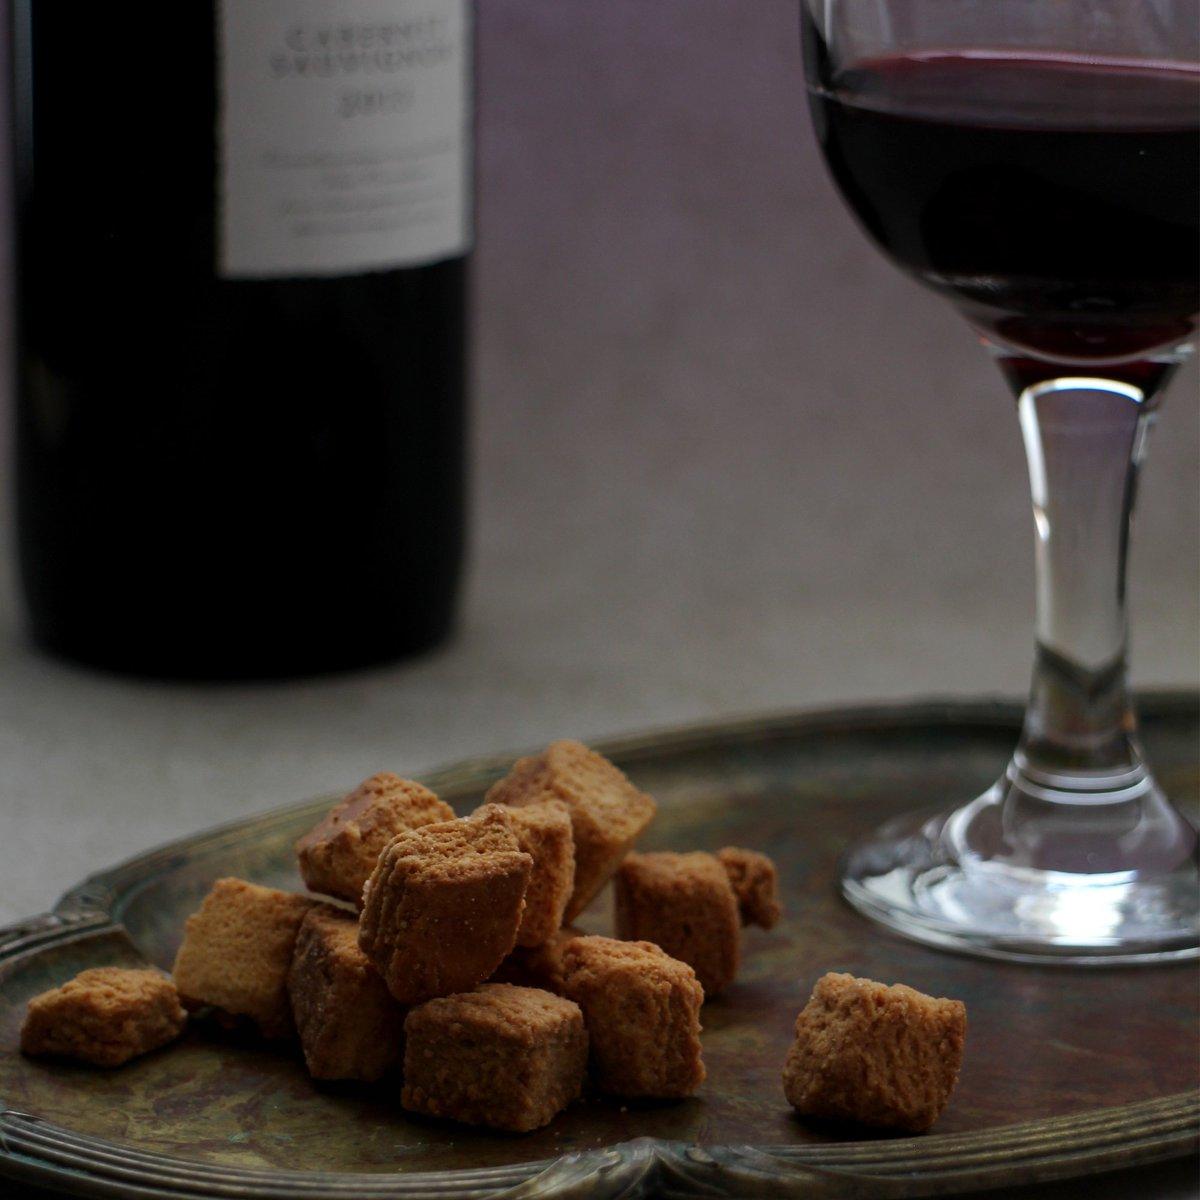 test ツイッターメディア - \お酒にもぴったり/ 御用邸チーズケーキをそのままラスクにした『御用邸チーズケーキラスク』。 チーズのコクと、程よい甘さがお酒にもぴったりですよ😆 金曜日ですし、おうちでどうでしょう?🍷 #スイーツ #ラスク #お菓子 #おつまみ https://t.co/kttQ91VRwP